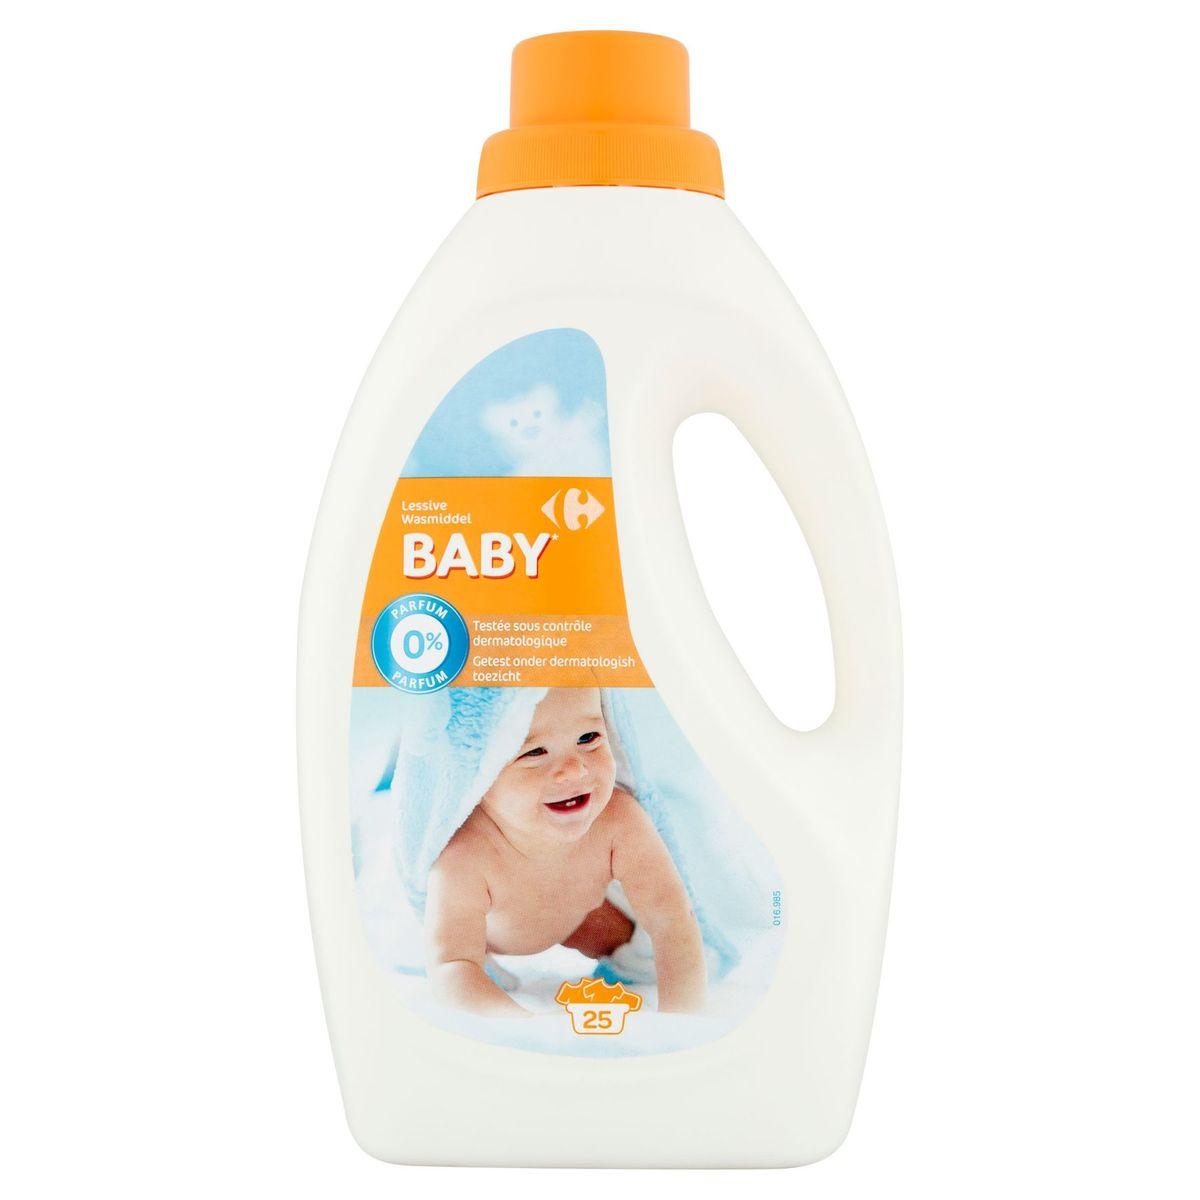 Carrefour Baby Lessive 25 Lavages 1.5 L